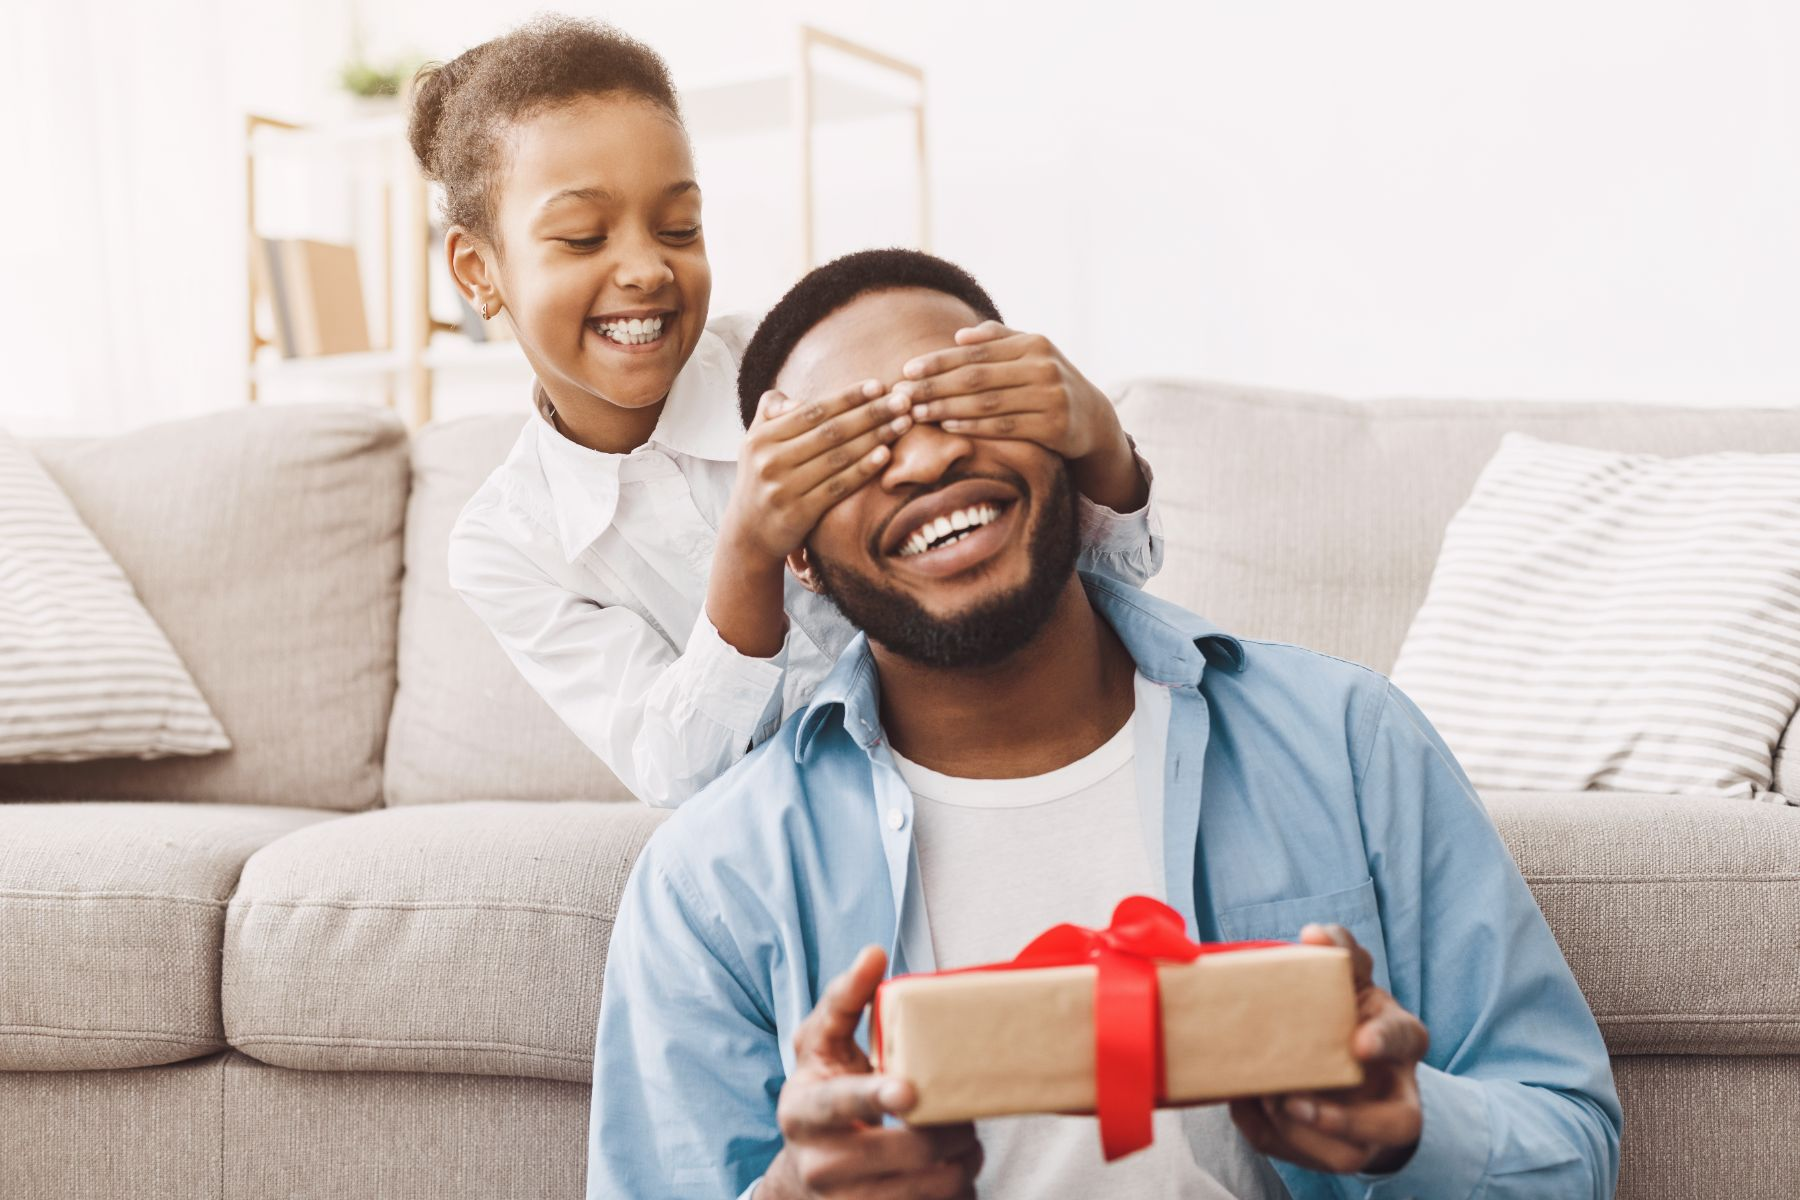 pai recebendo presente de filha dia dos pais